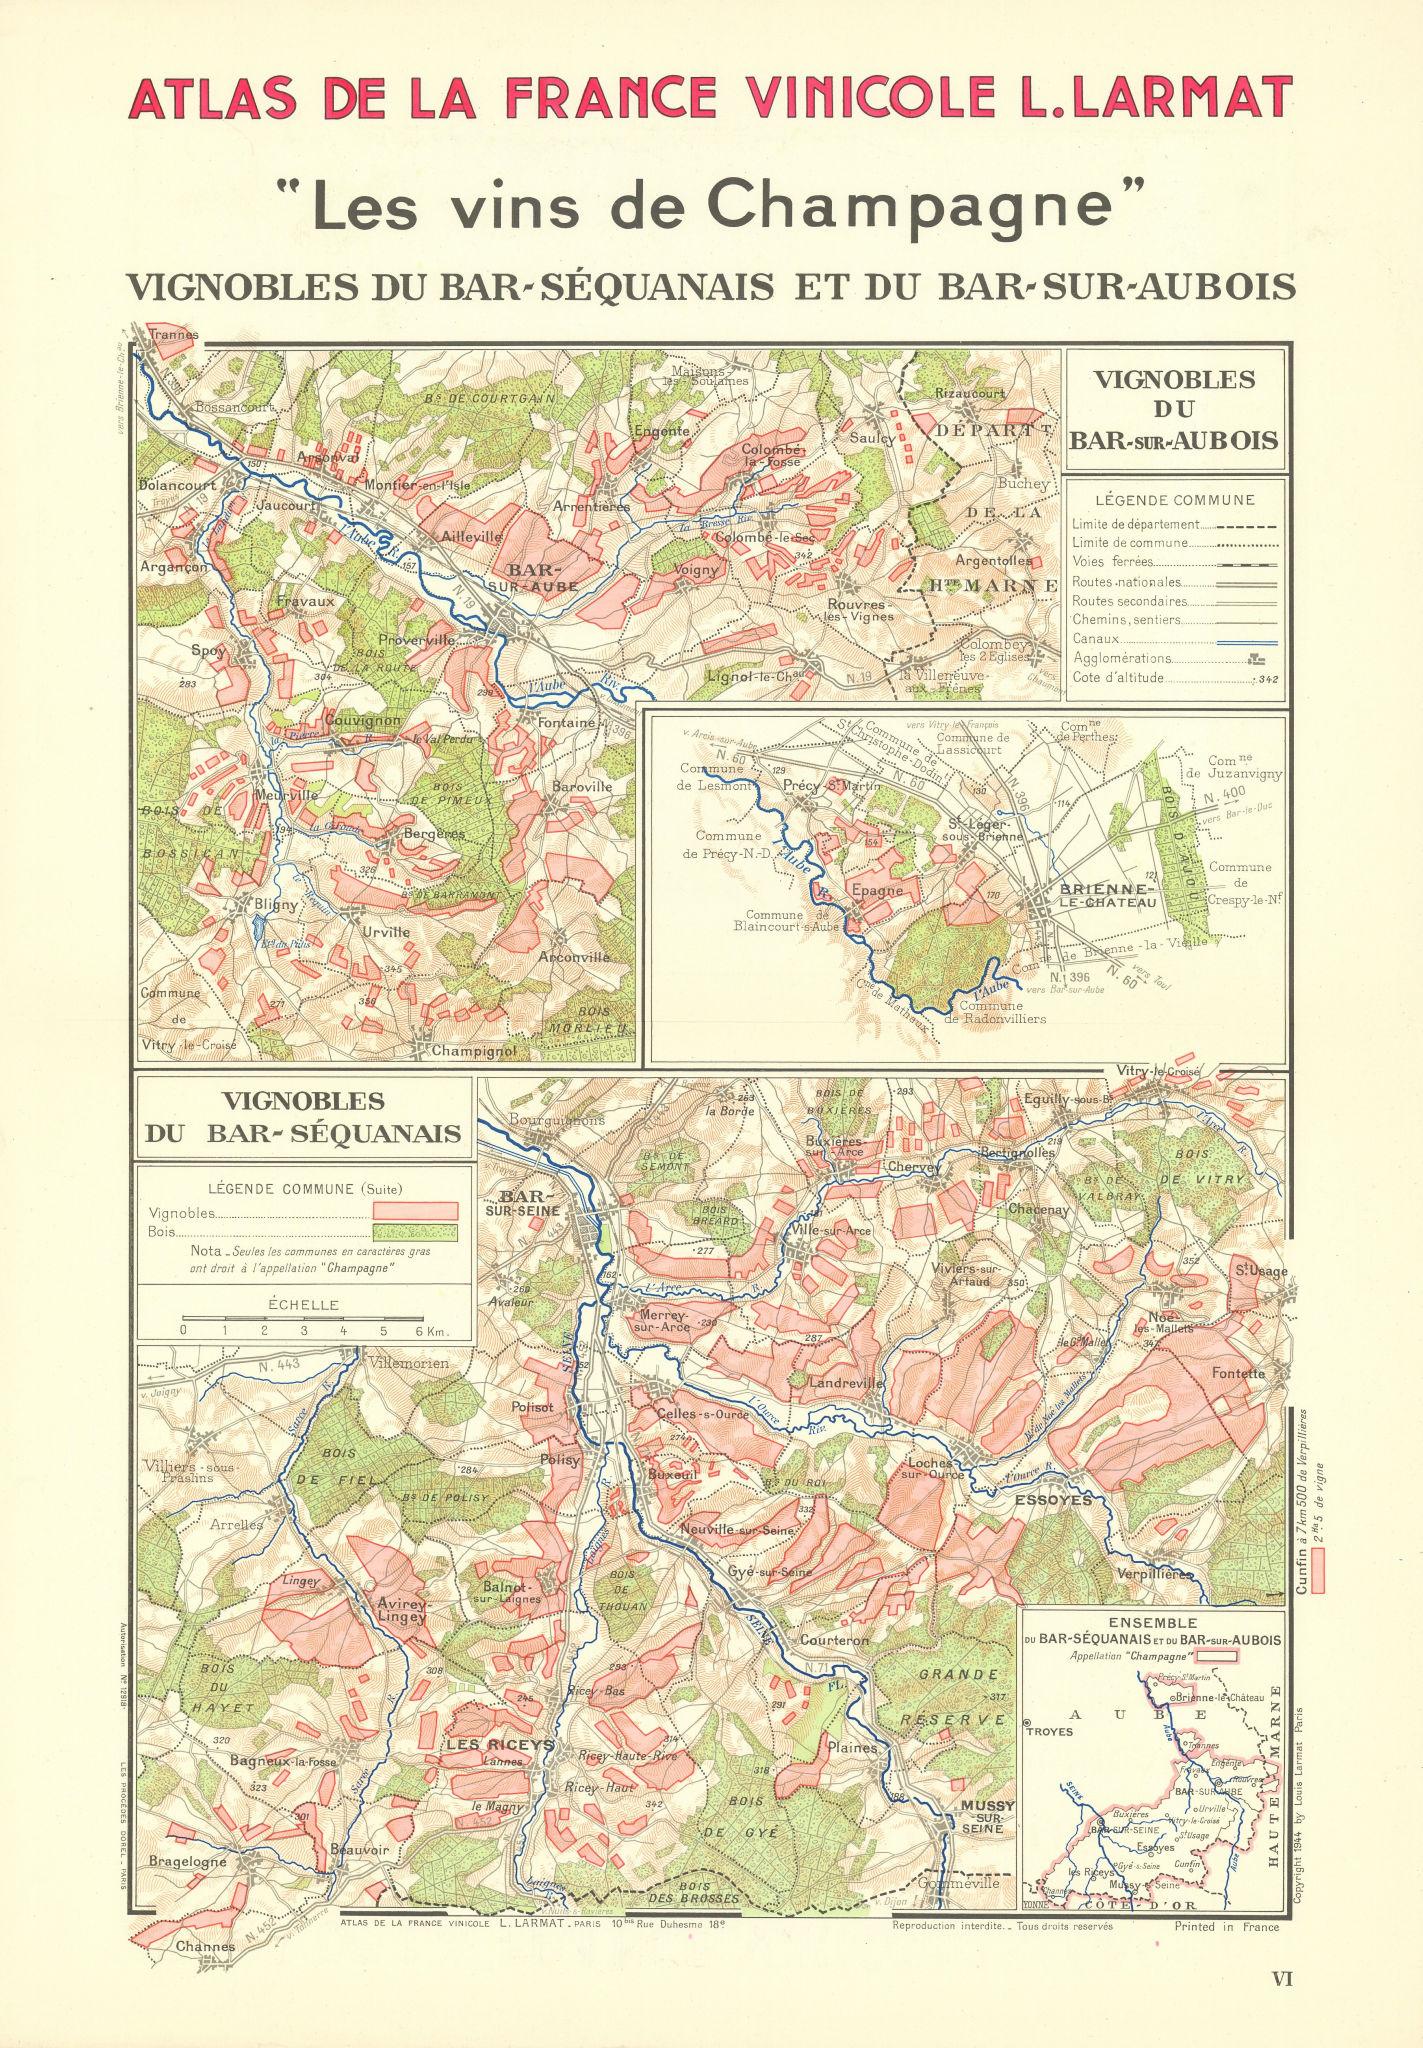 Associate Product CHAMPAGNE VINEYARD MAP Vignobles. Bar-Séquanais. Bar-sur-Aubois. LARMAT 1944